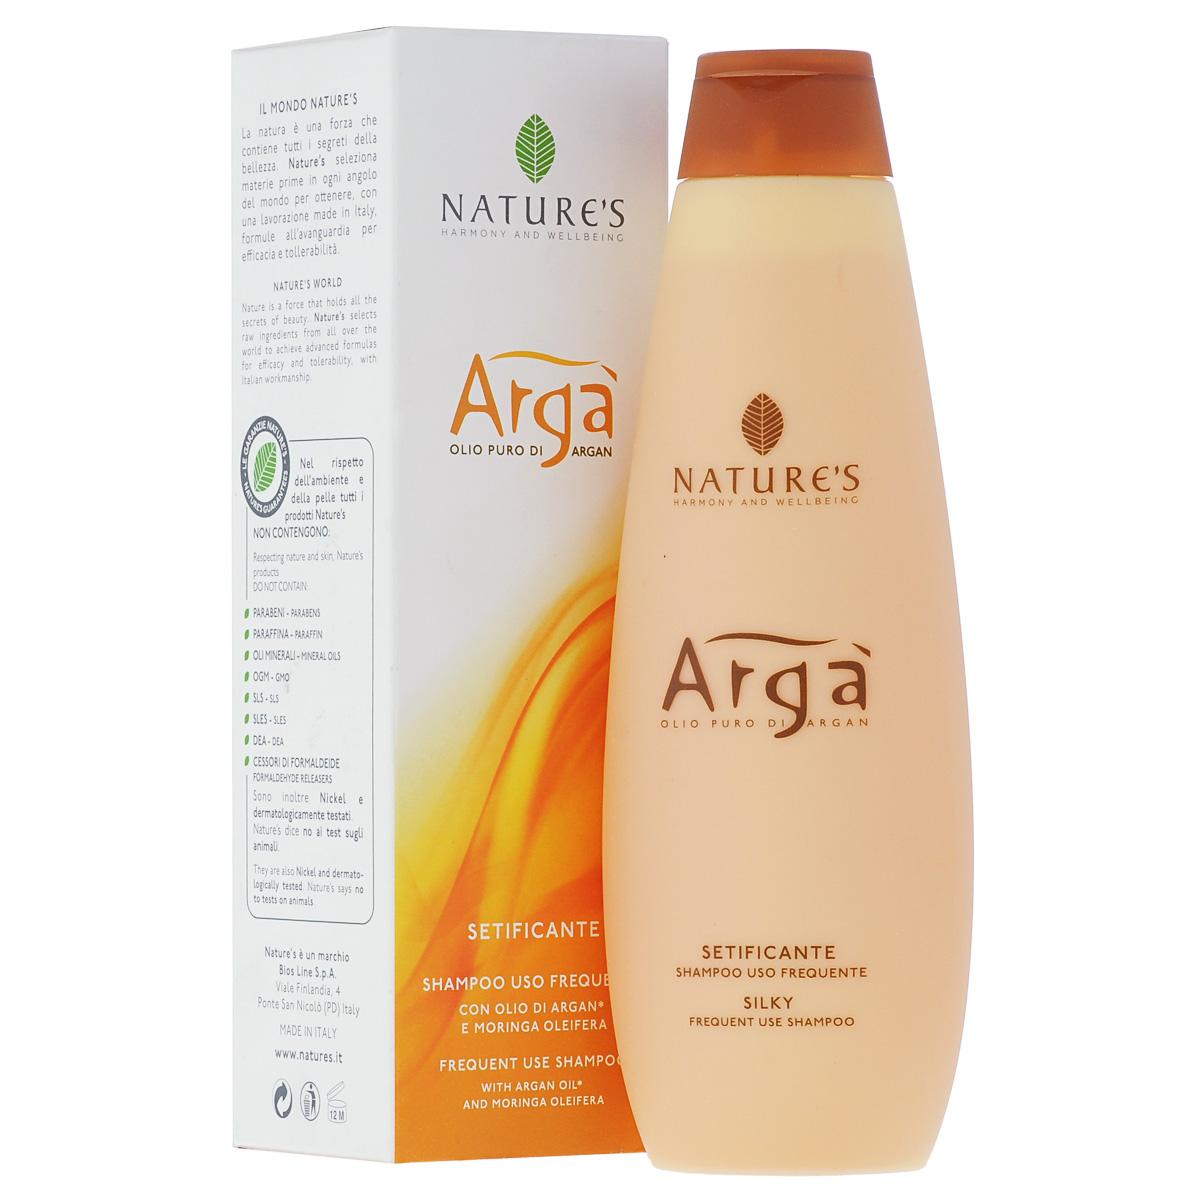 Шампунь Natures Arga, для частого использования, 200 мл60150921Шампунь Natures Arga рекомендуется для ухода за поврежденными, слабыми, тонкими волосами. Шампунь обладает восстанавливающим, антистрессовым эффектом. Питает, увлажняет, наполняет волосы силой, оставляя их мягкими, шелковистыми и сияющими. Тонизирует и успокаивает кожу головы. Благодаря эфирному маслу лицеи, придает приятное ощущение свежести и благополучия. Предназначен для частого использования.